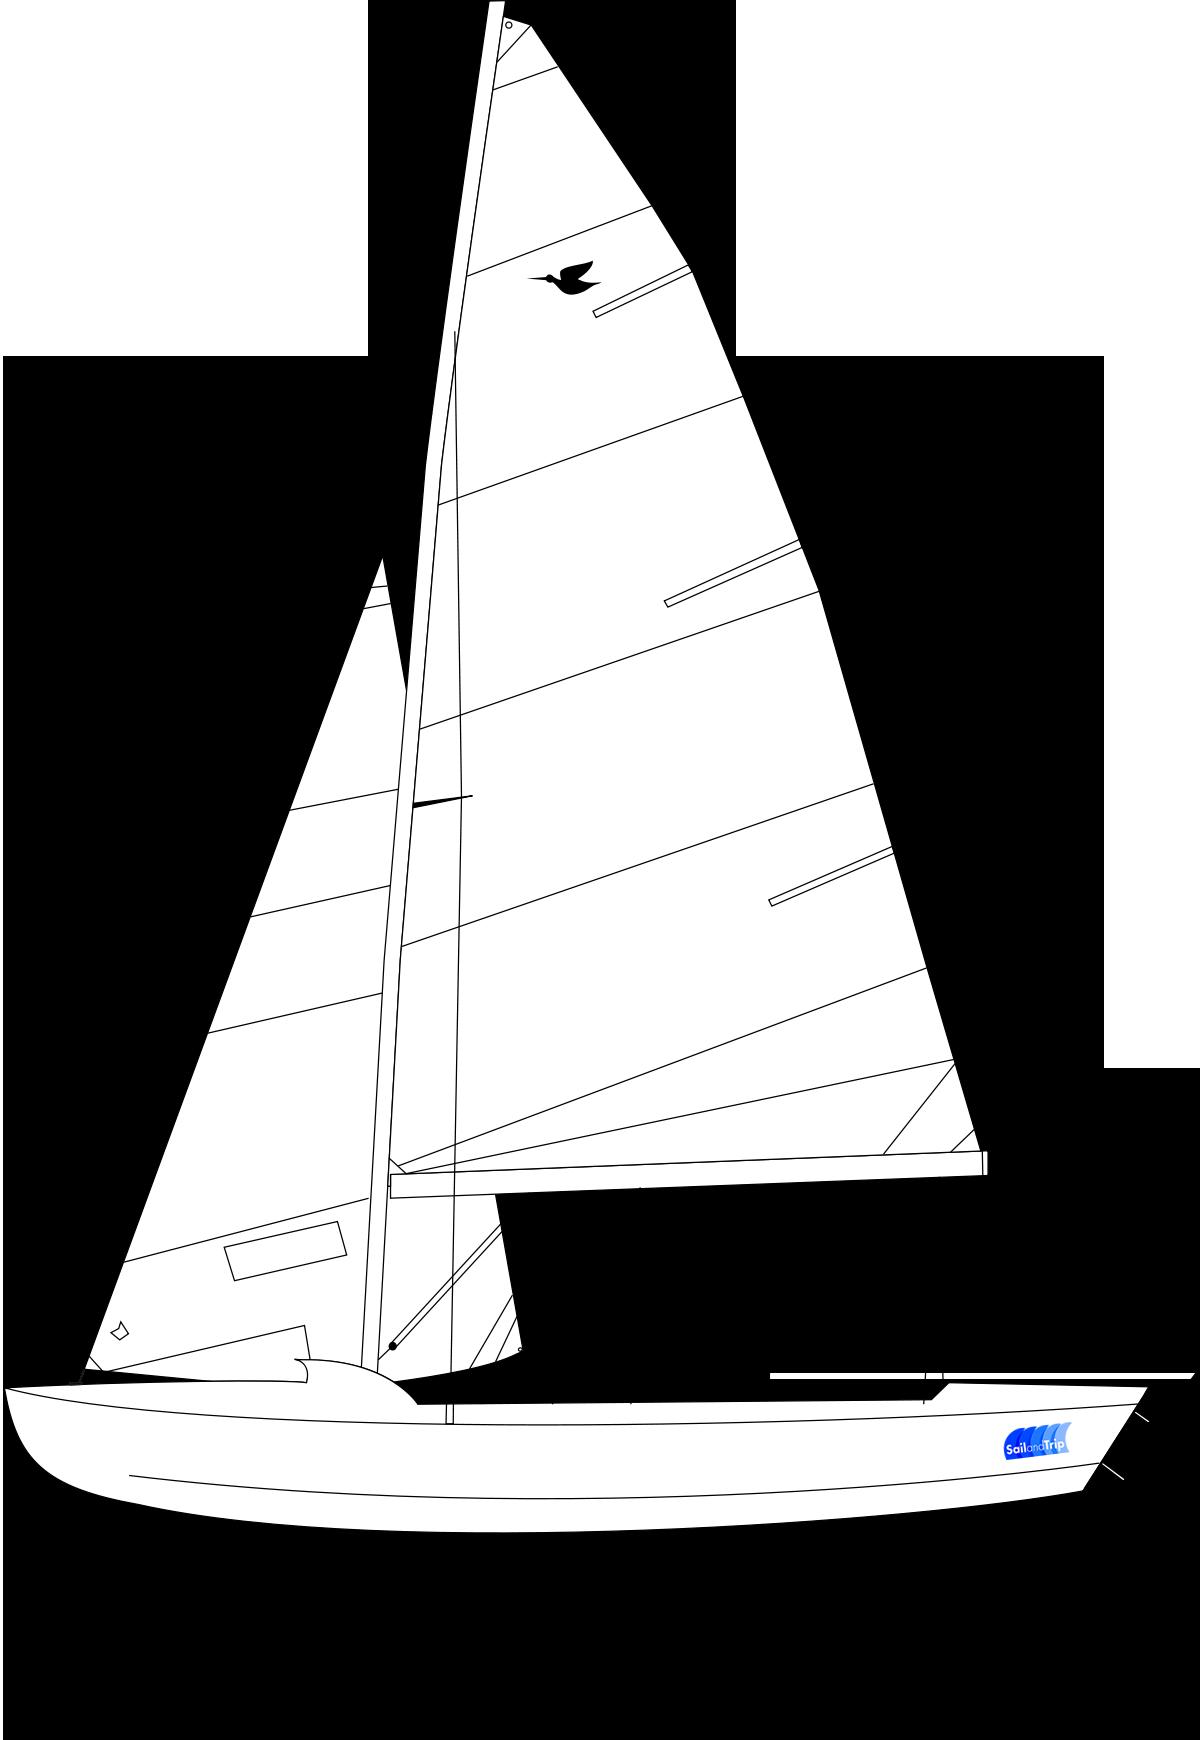 Clase snipe de vela